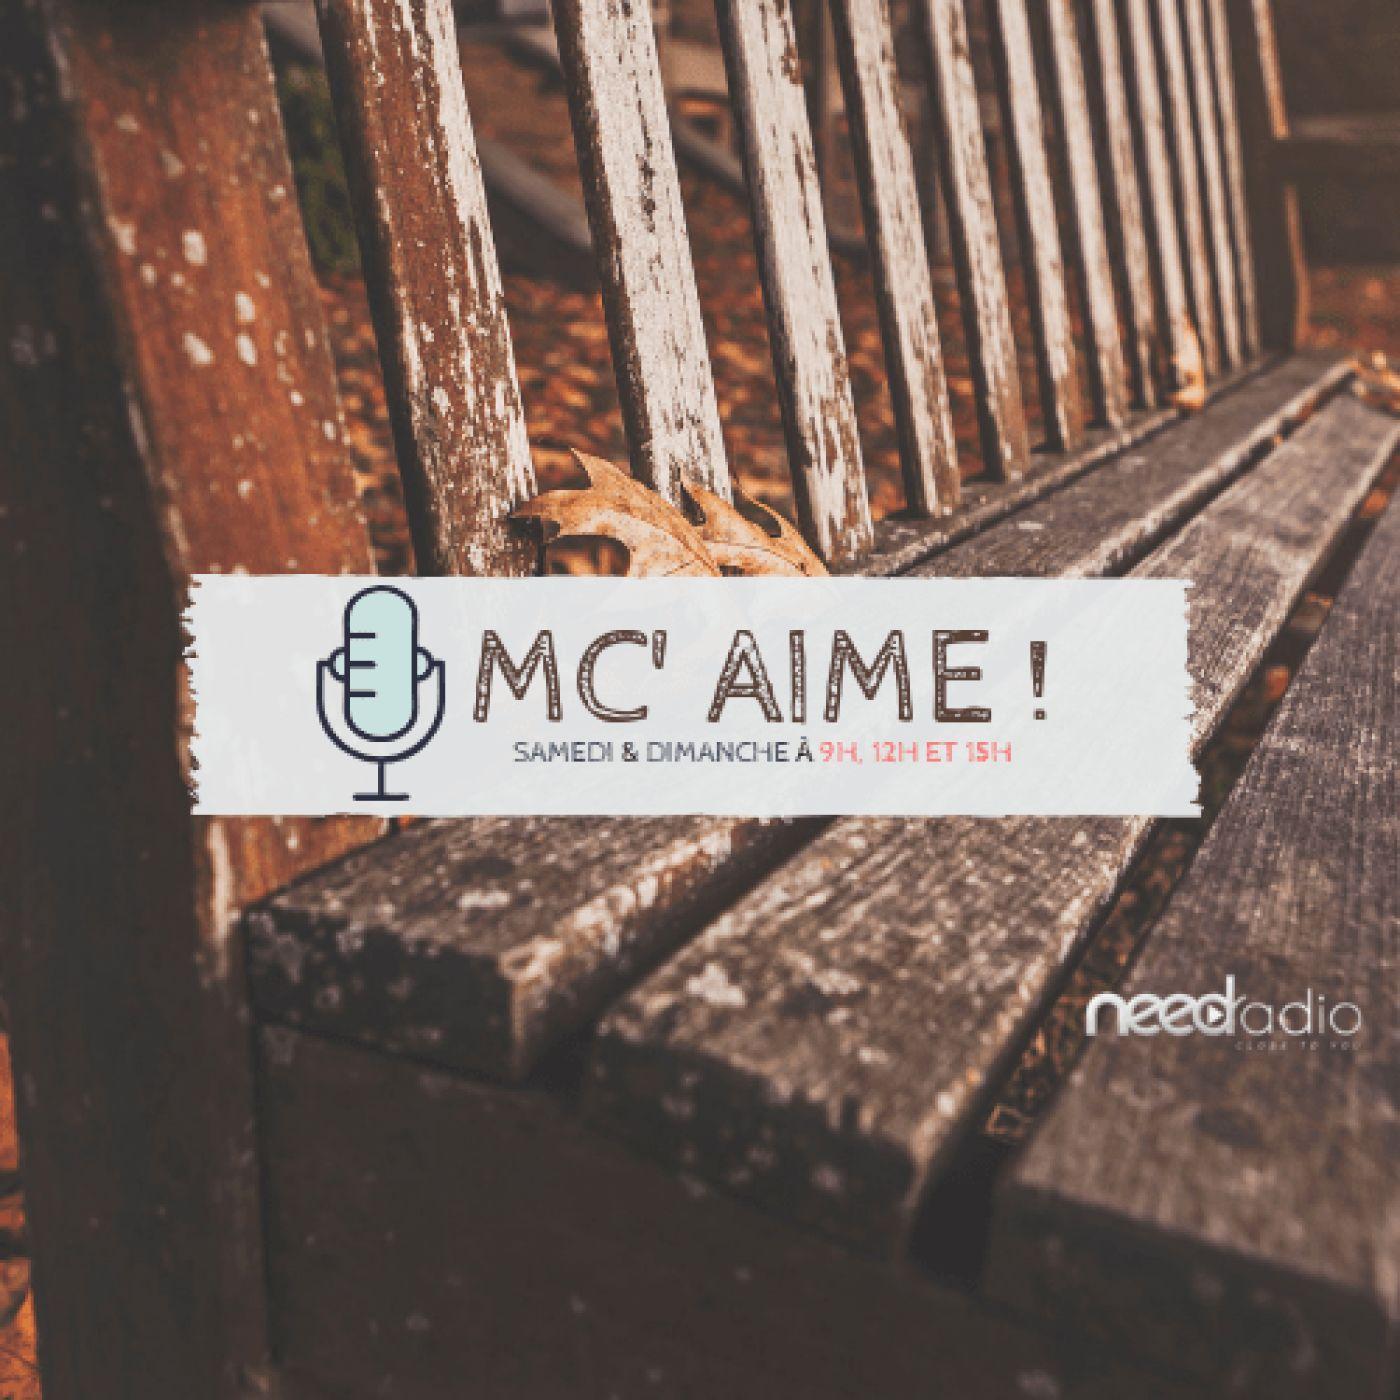 MC' Aime - Le film d'Alphonso Cuaron Roma (09/03/19)